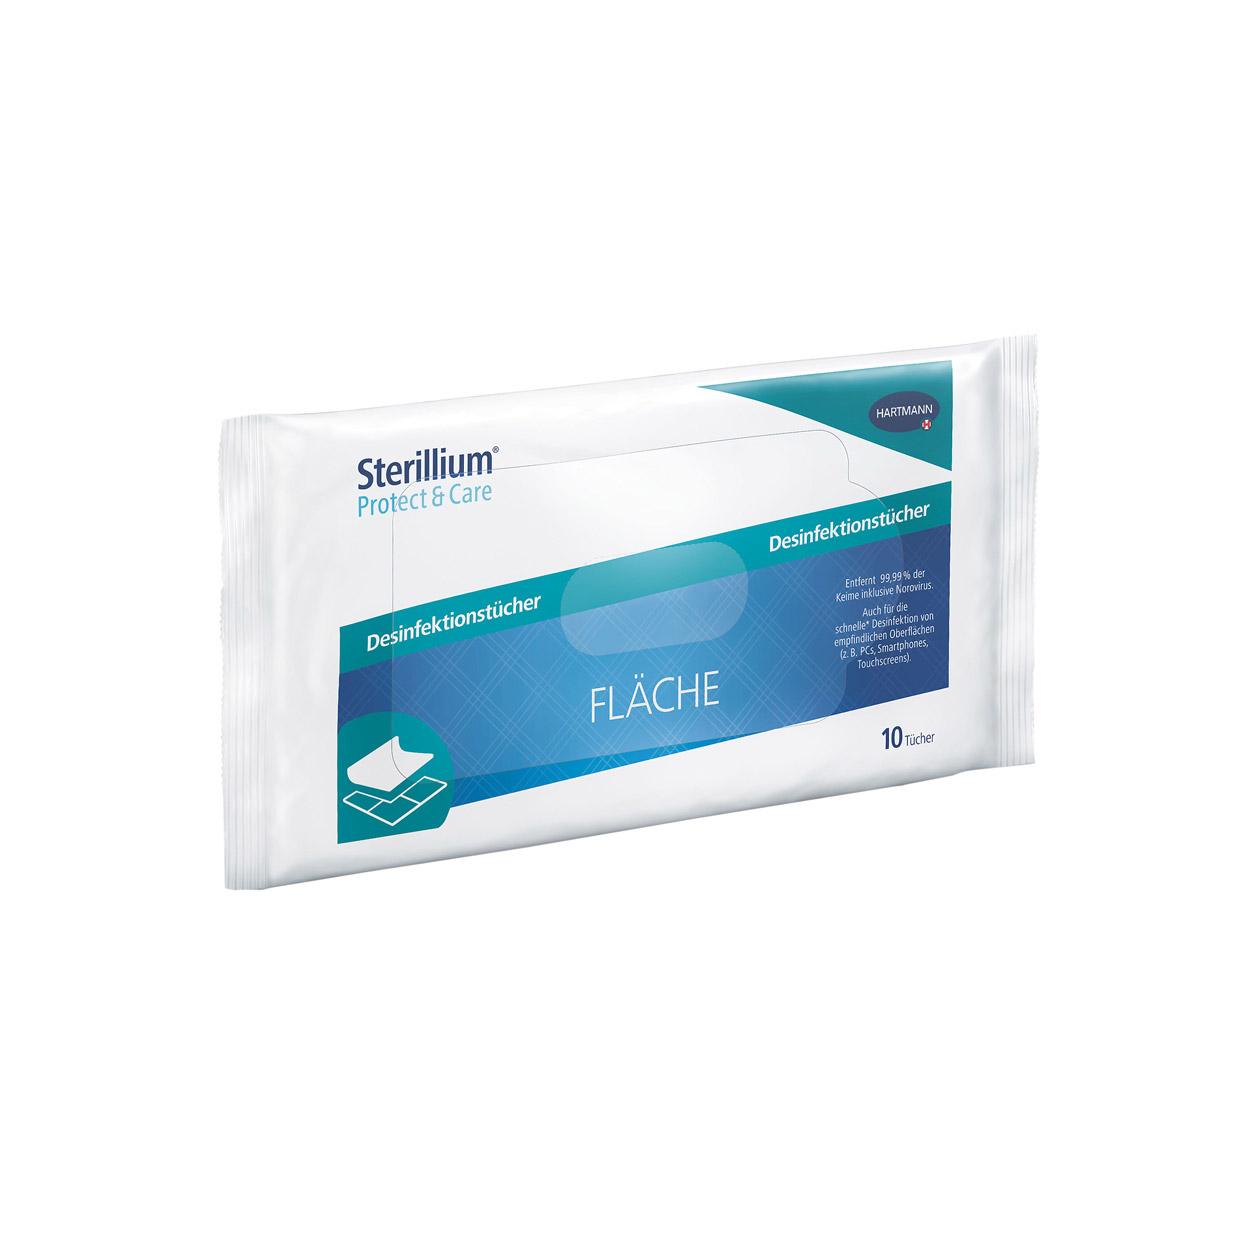 Sterillium® Protect & Care Desinfektionstücher Fläche, Flowpack (10 Tücher)